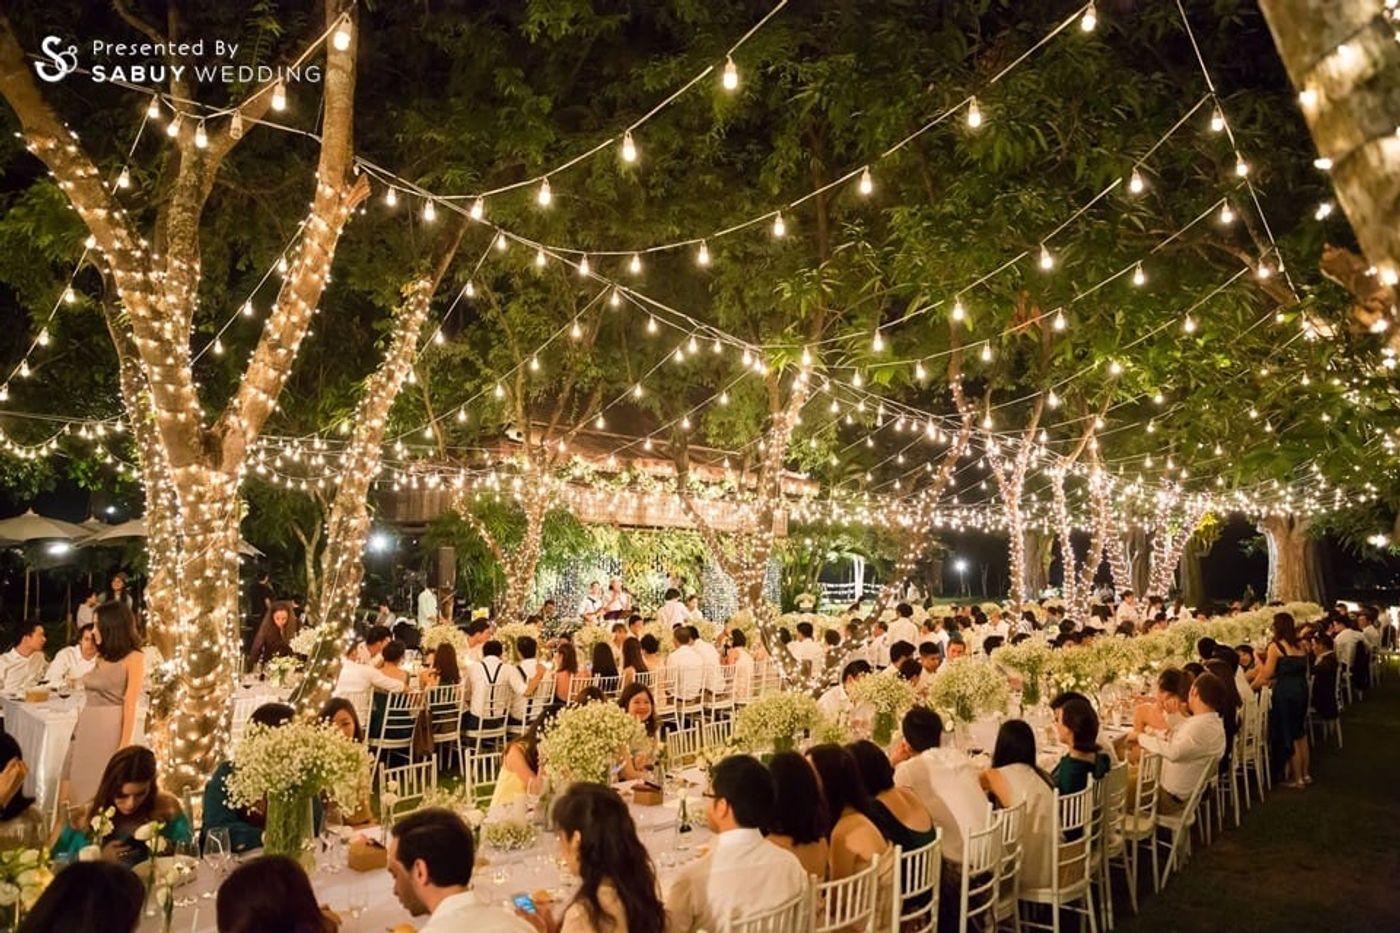 long-table,สถานที่แต่งงาน,สถานที่จัดงานแต่งงาน,ตกแต่งงานแต่ง,งานแต่ง outdoor รีวิวงานแต่งอิ่มใจไปกับงานหมั้นล้านนา ปิดท้าย Sit-down dinner ประดับไฟแสนสวยในสวนหลังบ้าน